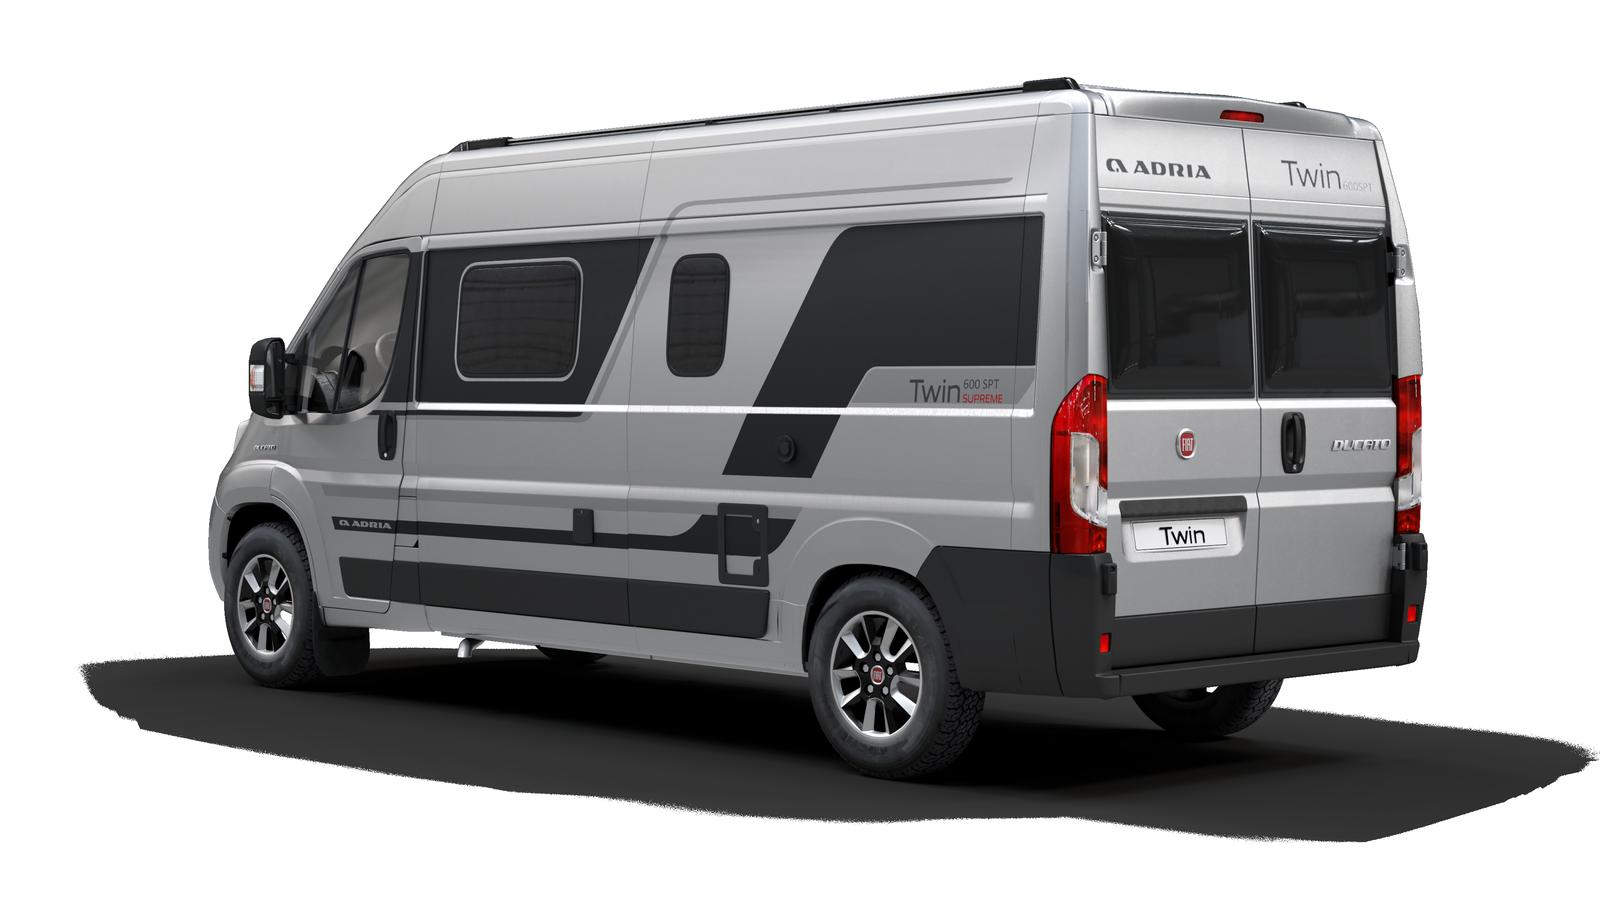 Fourgon neuf Adria: Twin Supreme 600 SPB - Fourgon lit sur soute sur Fiat